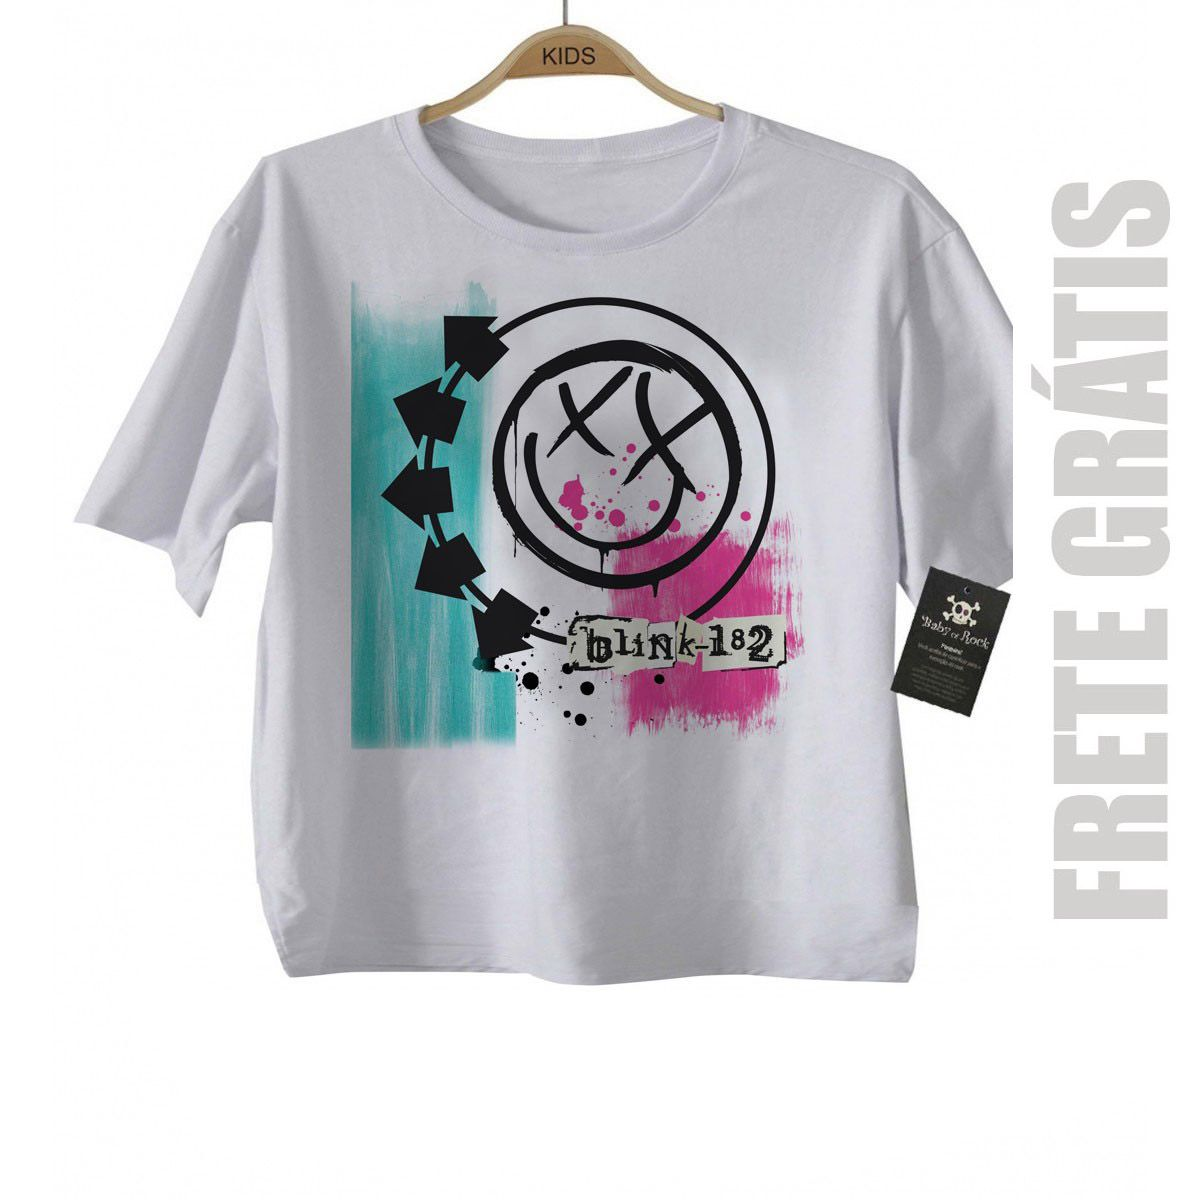 Camiseta de Rock infantil Blink 182 - White  - Baby Monster S/A